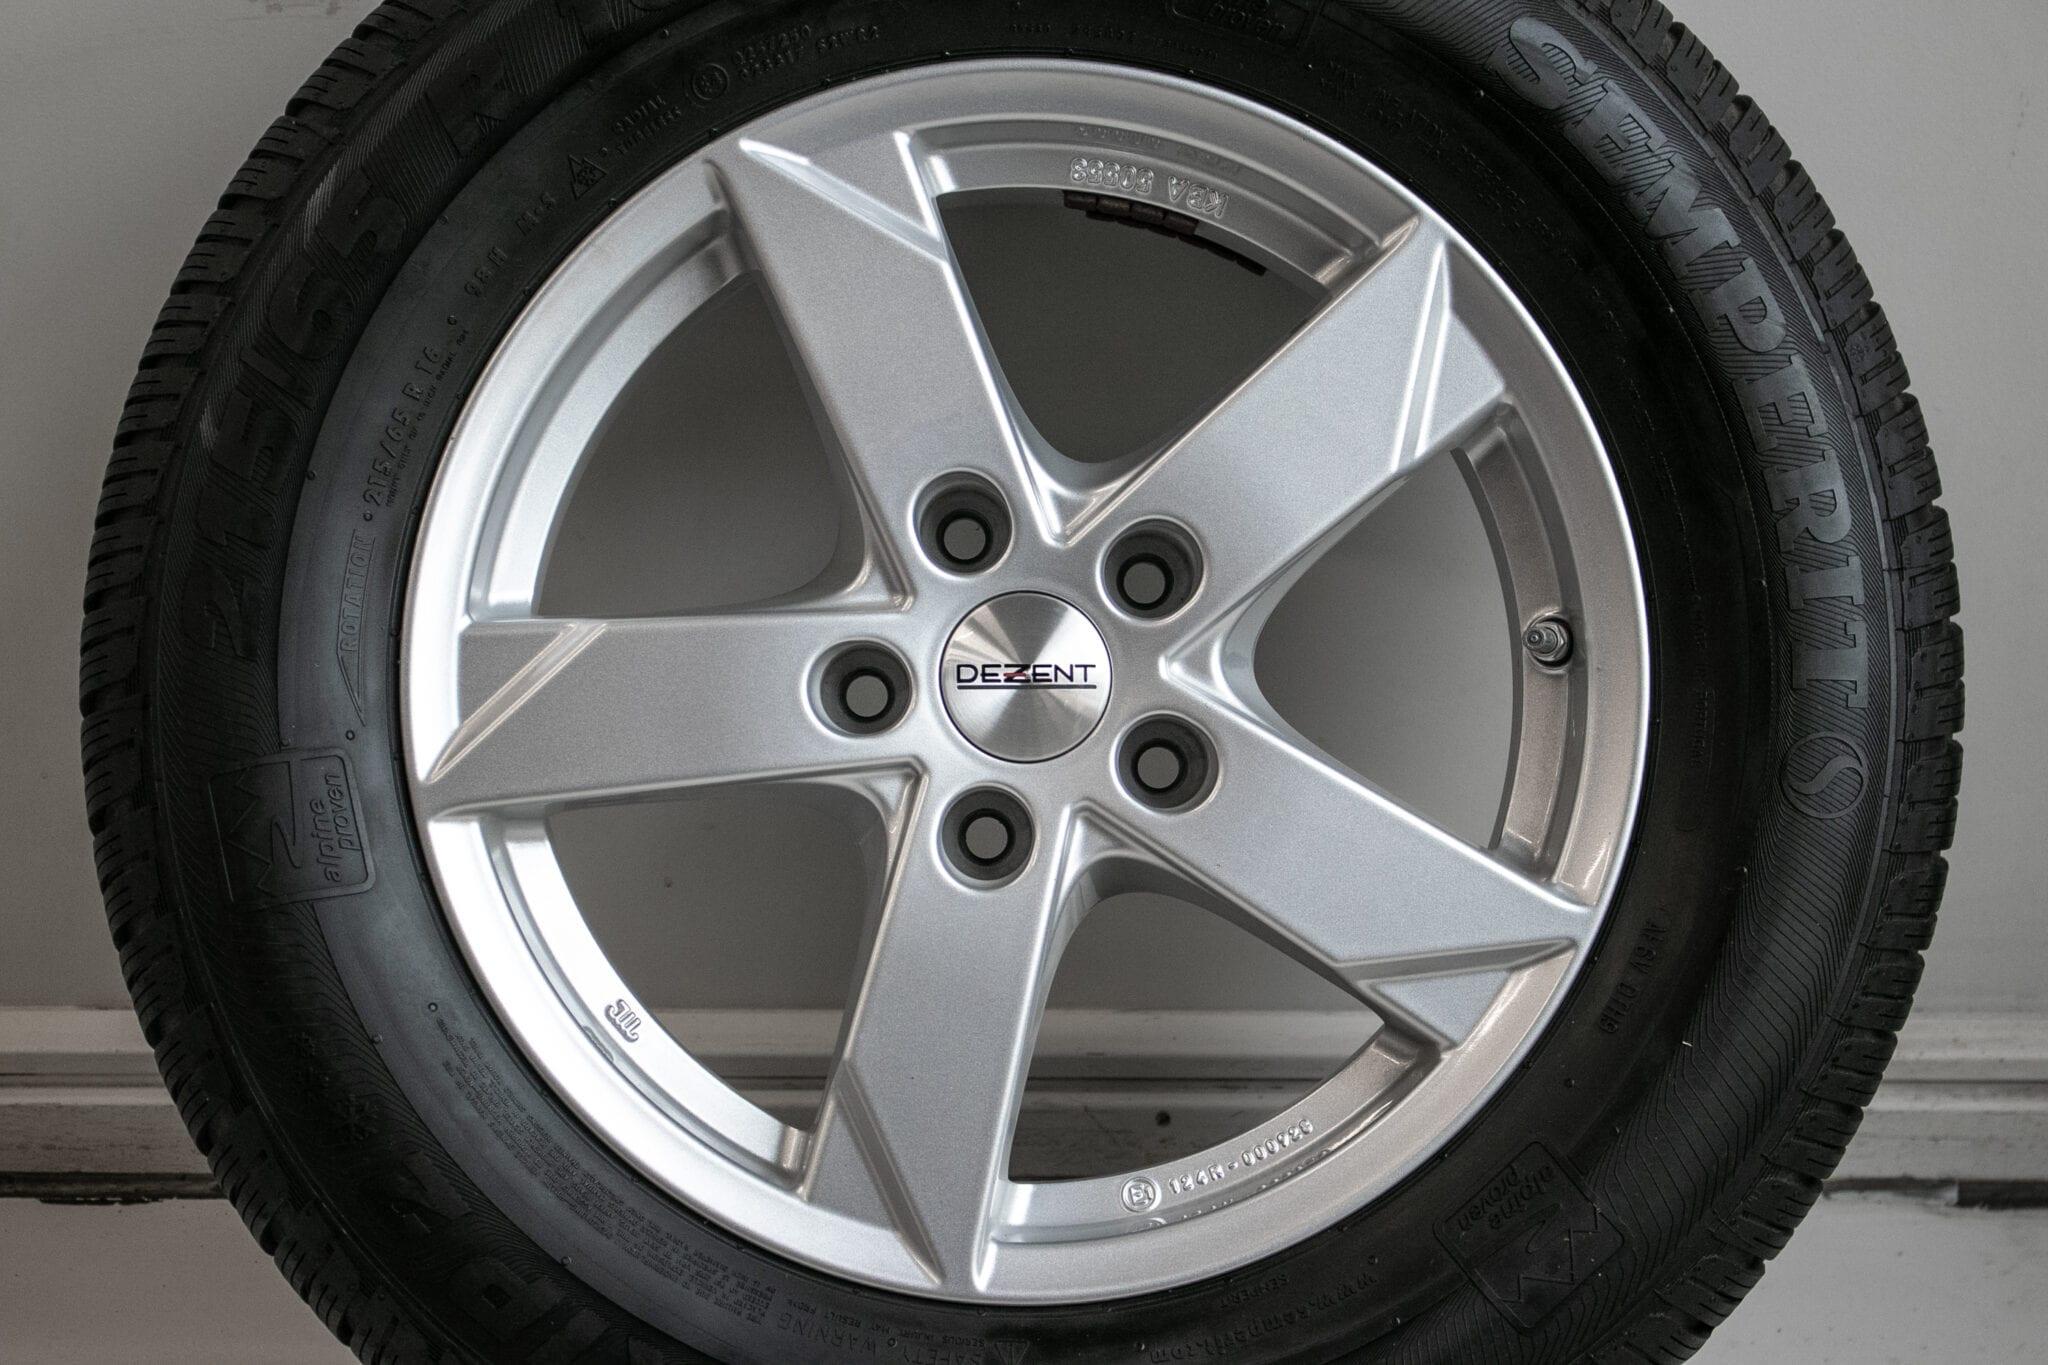 """16"""" Winterwielen voor o.a. Mitsubishi ASX, Outlander of Eclipse Cross met bandenspanningssensoren. €499,- Gebruikt. Profieldiepte: 5.8mm - 6mm"""